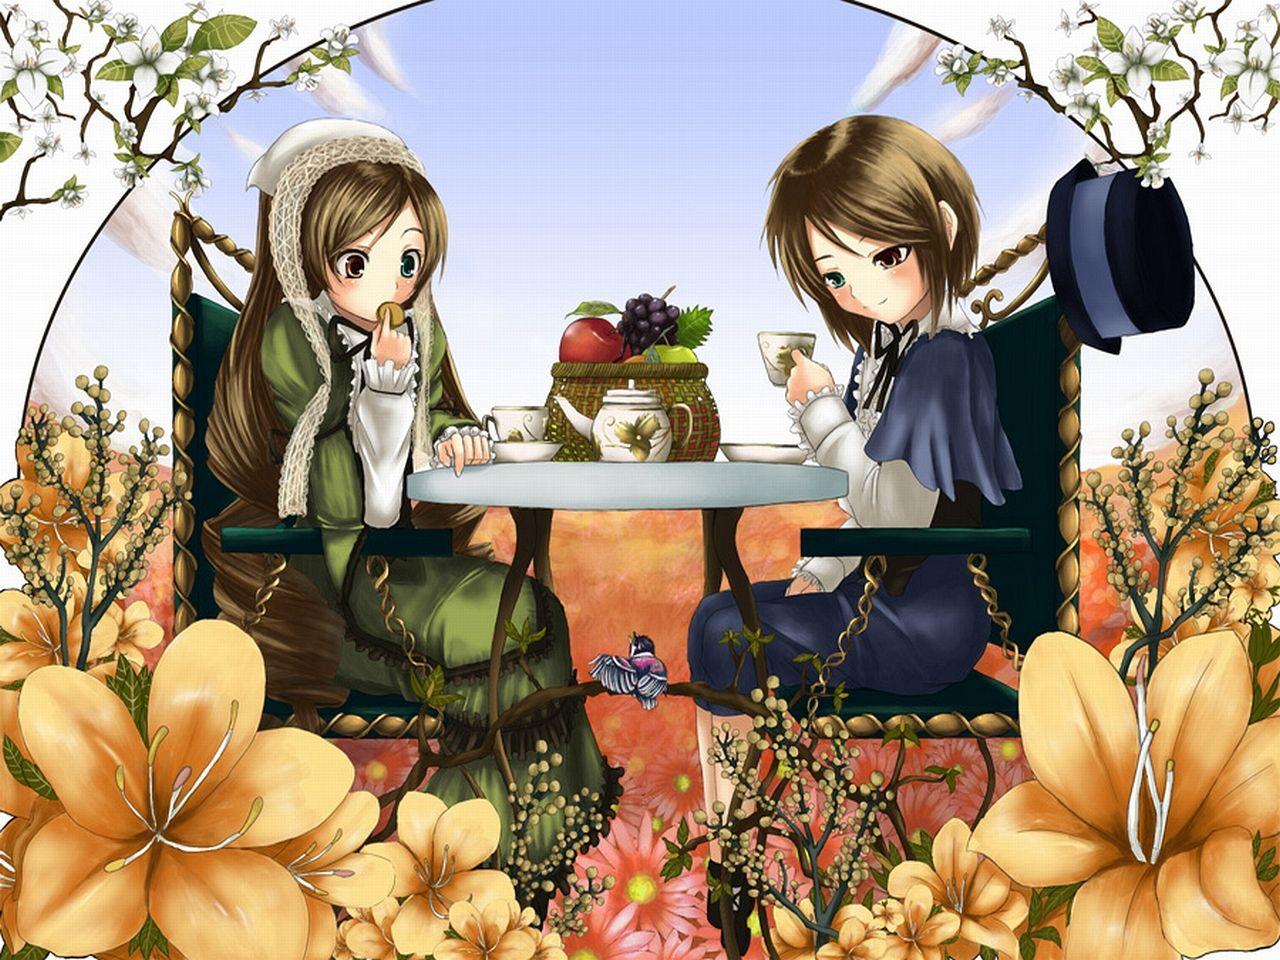 Konachan.com - 33667 bicolored_eyes rozen_maiden souseiseki suiseiseki